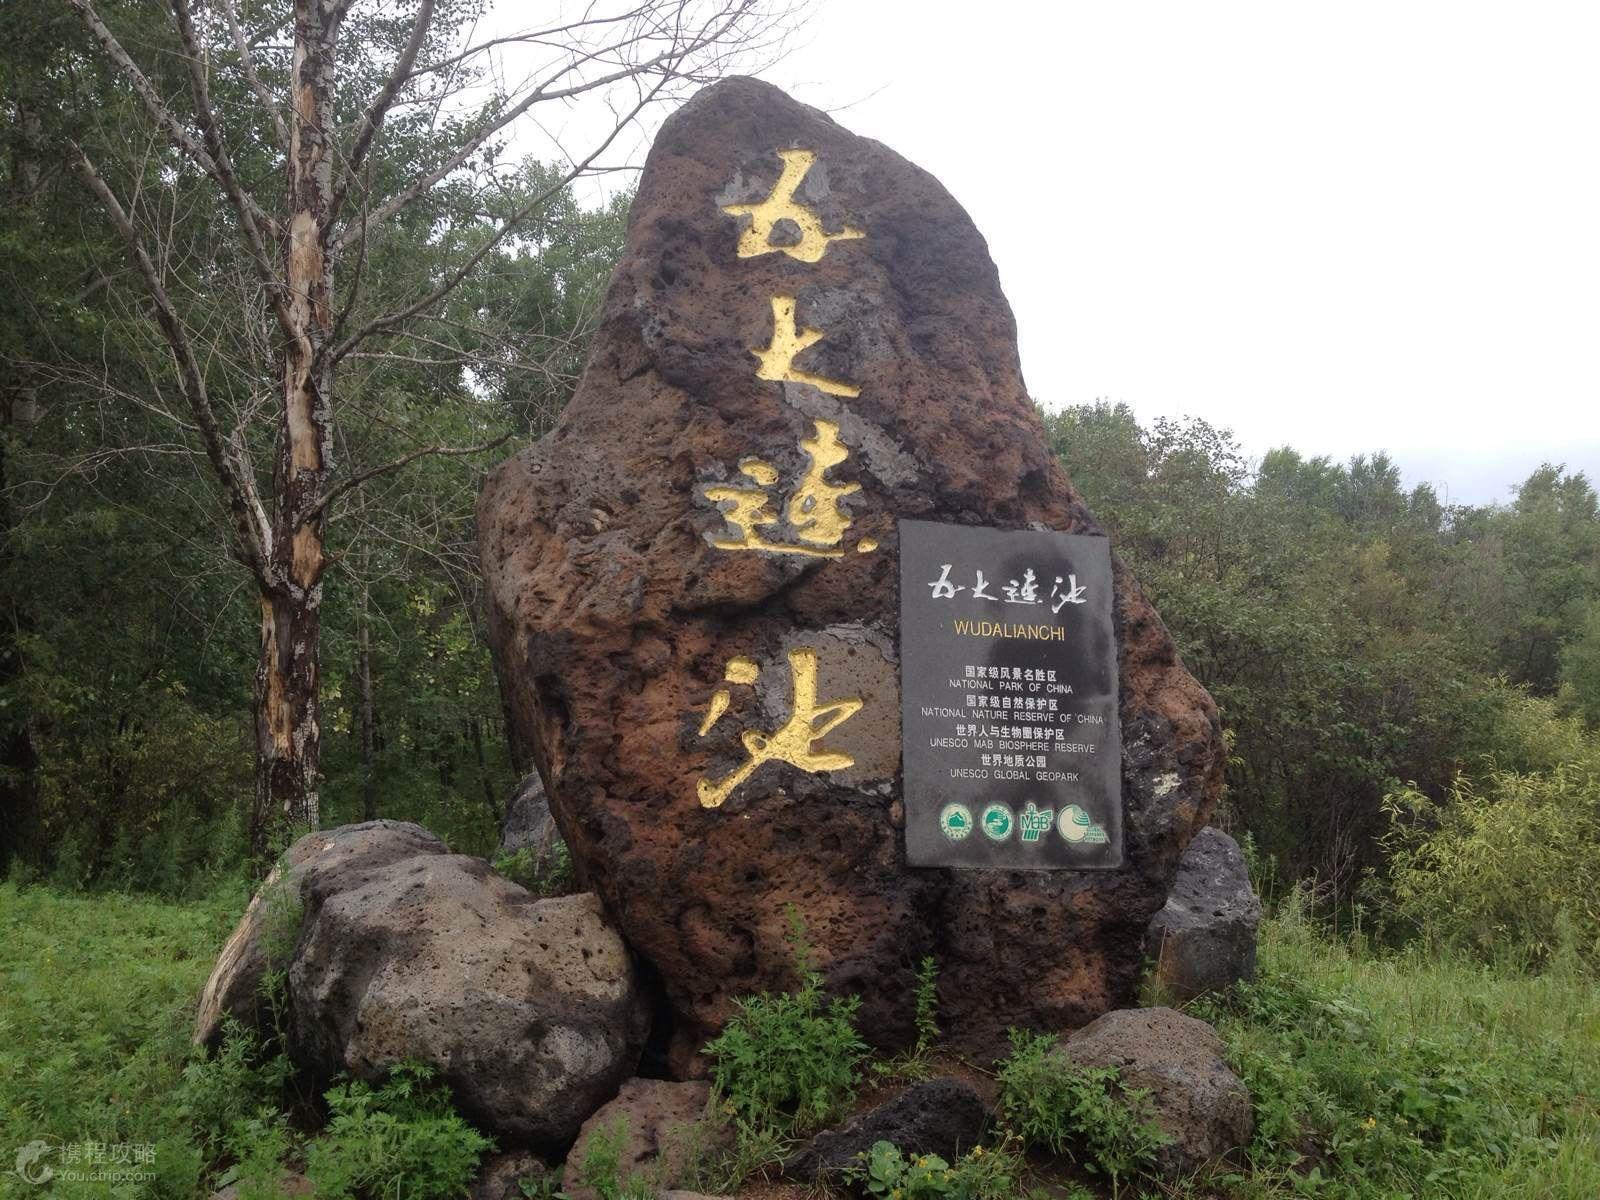 黑龙江五大连池 伊春3日2晚跟团游·火山博物馆 林都伊春 汤旺河 上甘